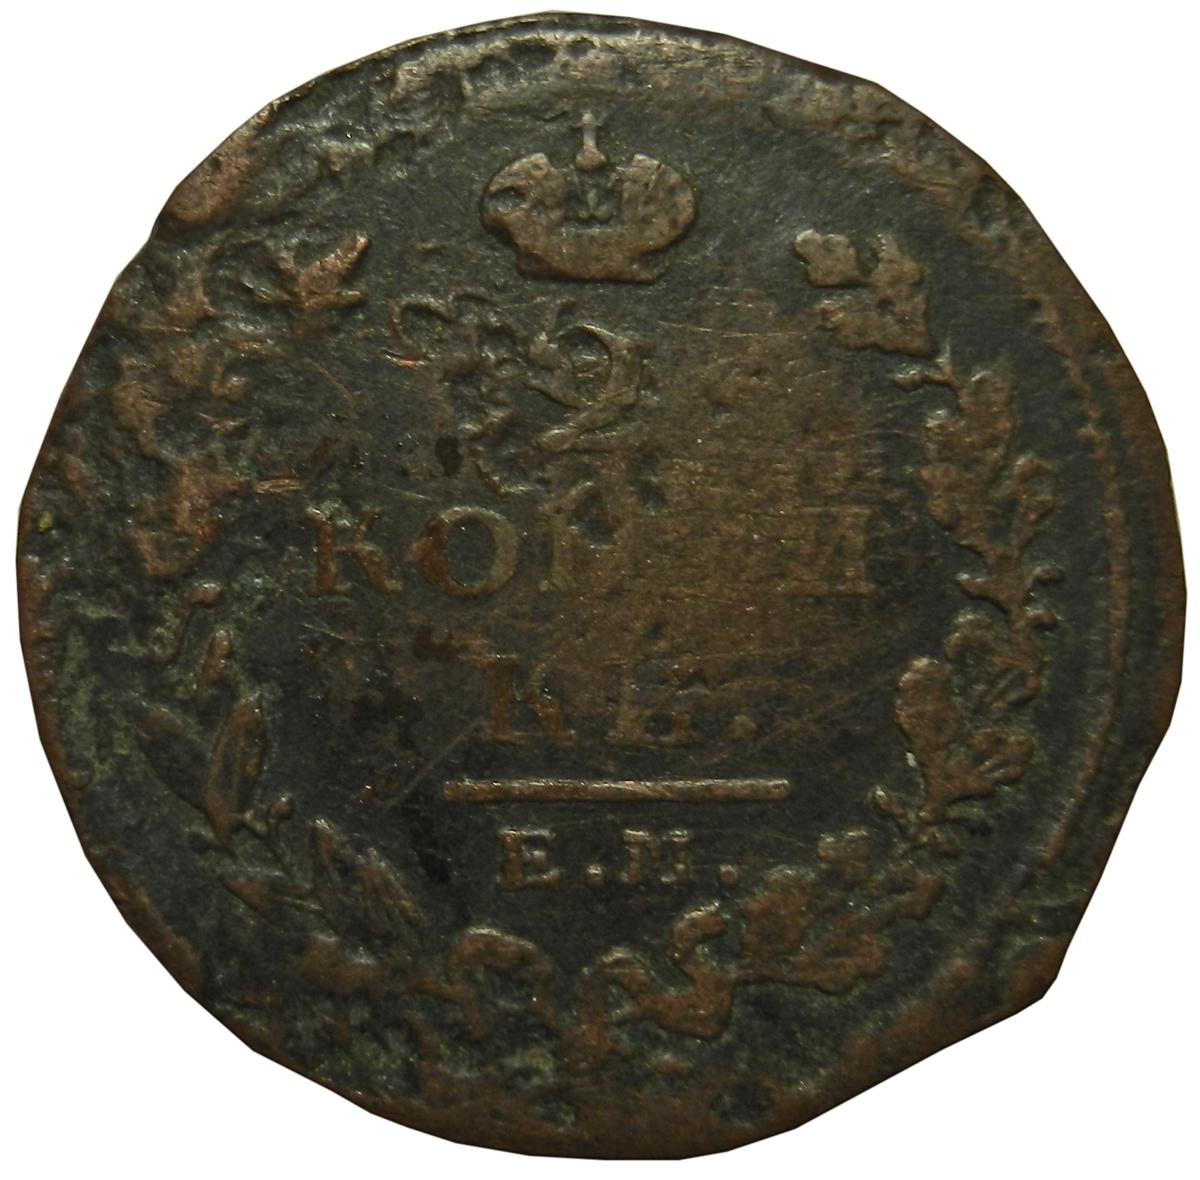 Монета 2 копейки. Медь. Российская Империя, 1825 год (ЕМ ИШ) (Обычный орел 1810 г.) VF